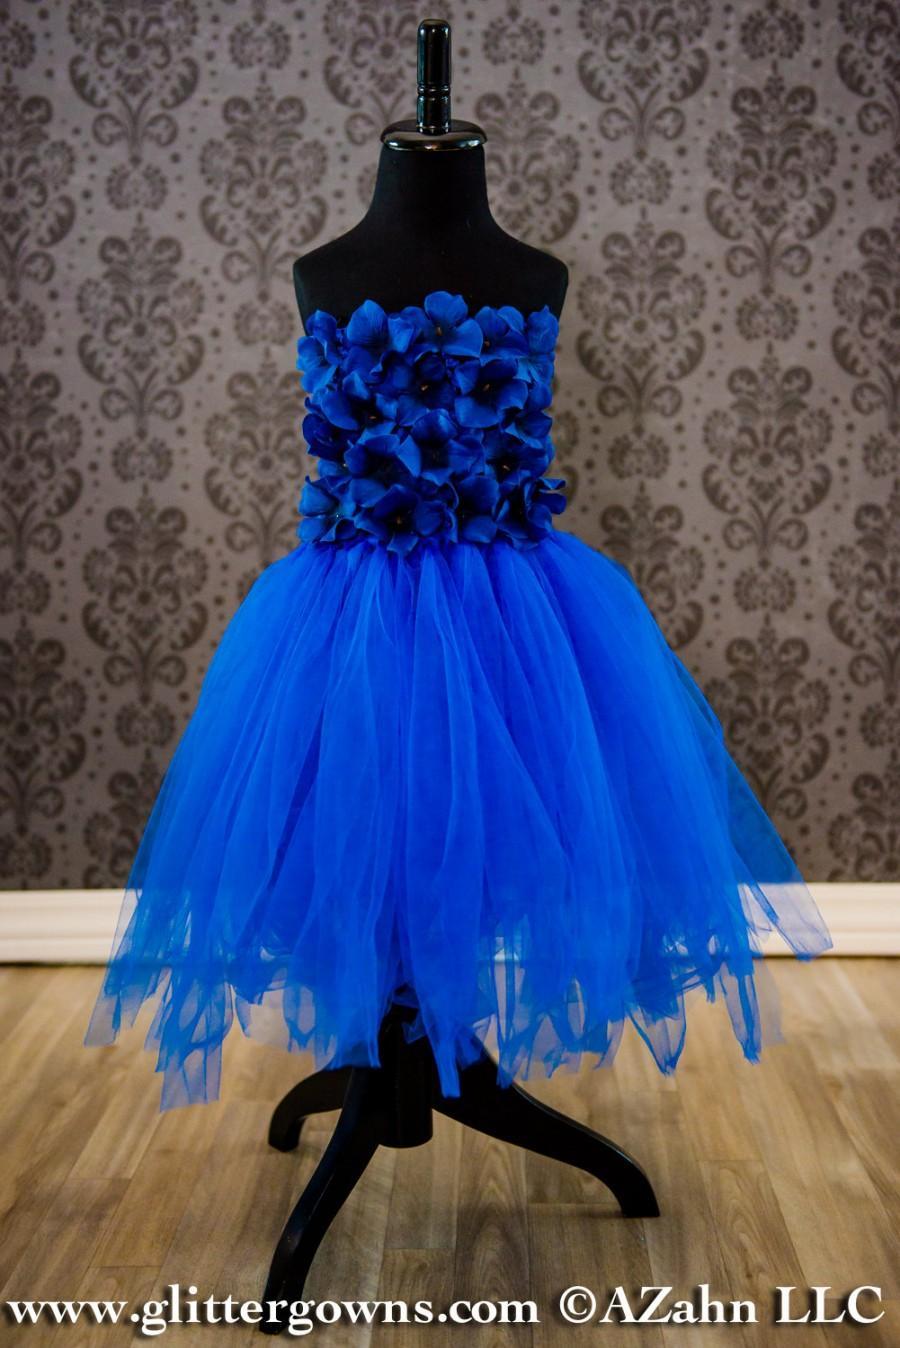 زفاف - Flower Girl Dress - Royal Blue Tulle - Baby Dress - Fairy Dress